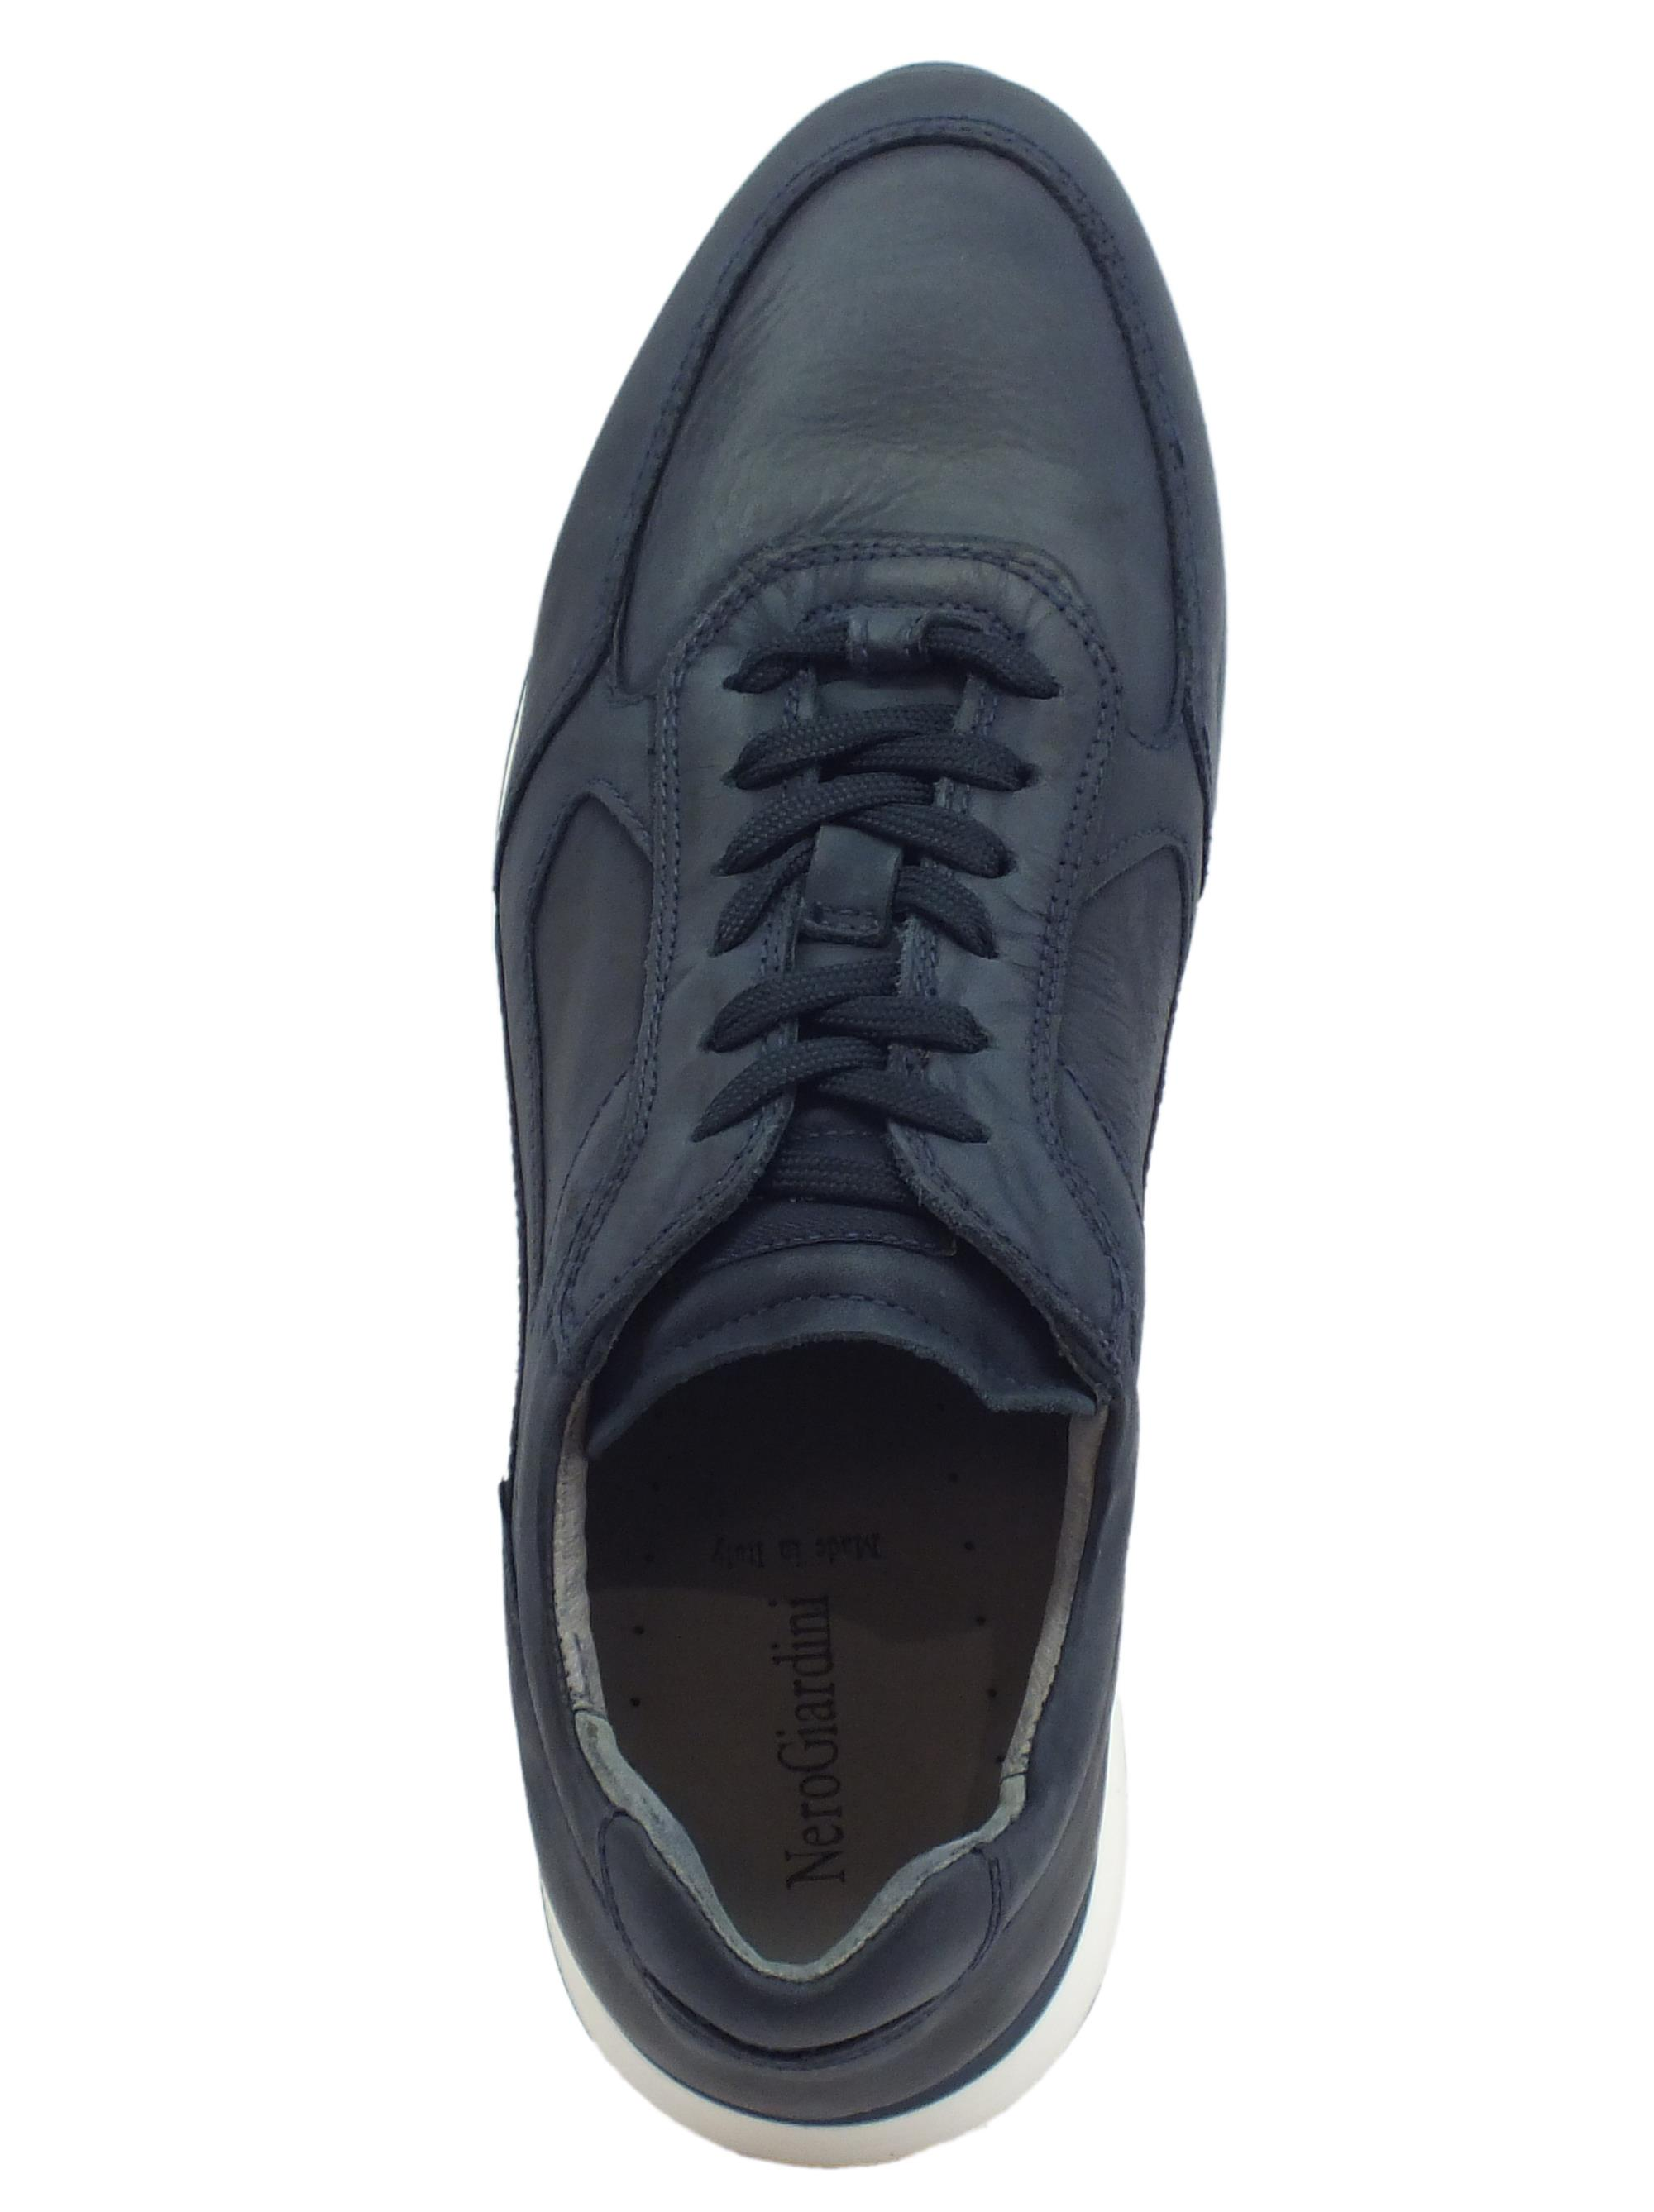 e3f2dd90f4b0 Nerogiardini scarpe uomo pelle morbidissima colore blu - Vitiello ...